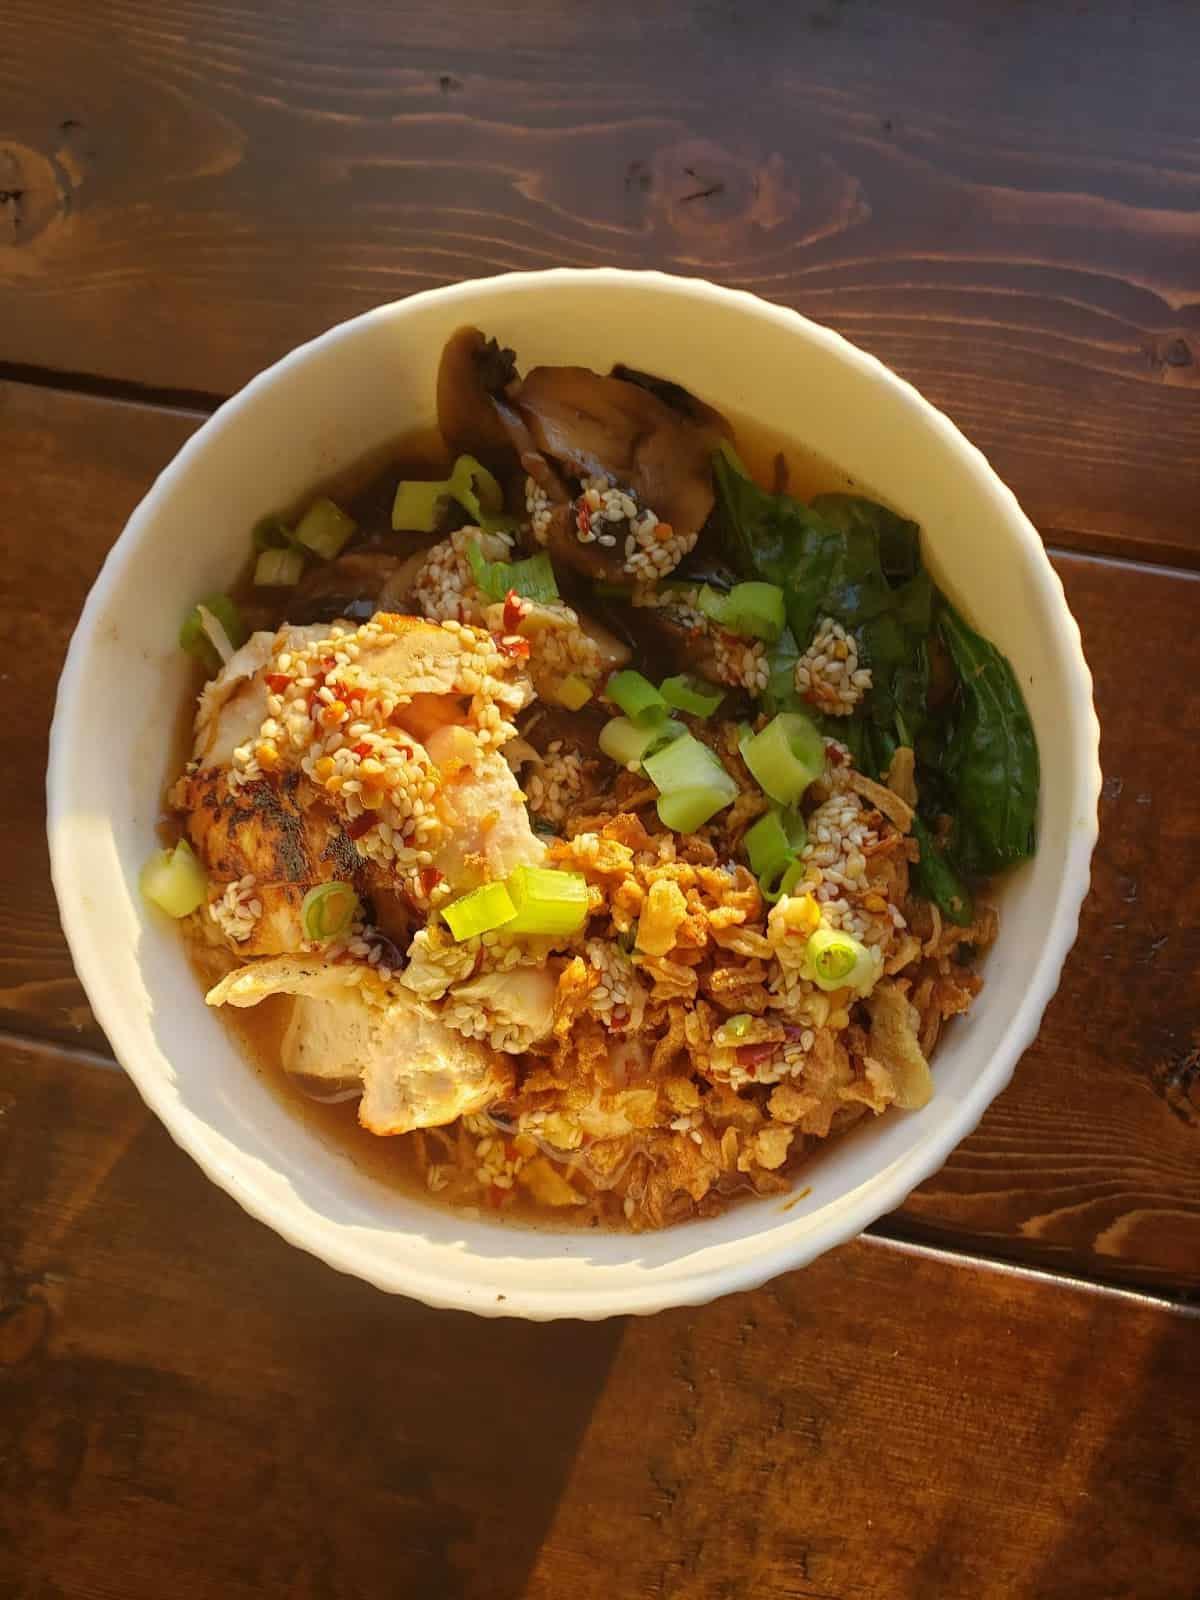 Chicken Ramen in a Shoyu-Style Broth with Mushrooms, Chili Garlic Oil & Crispy Onions